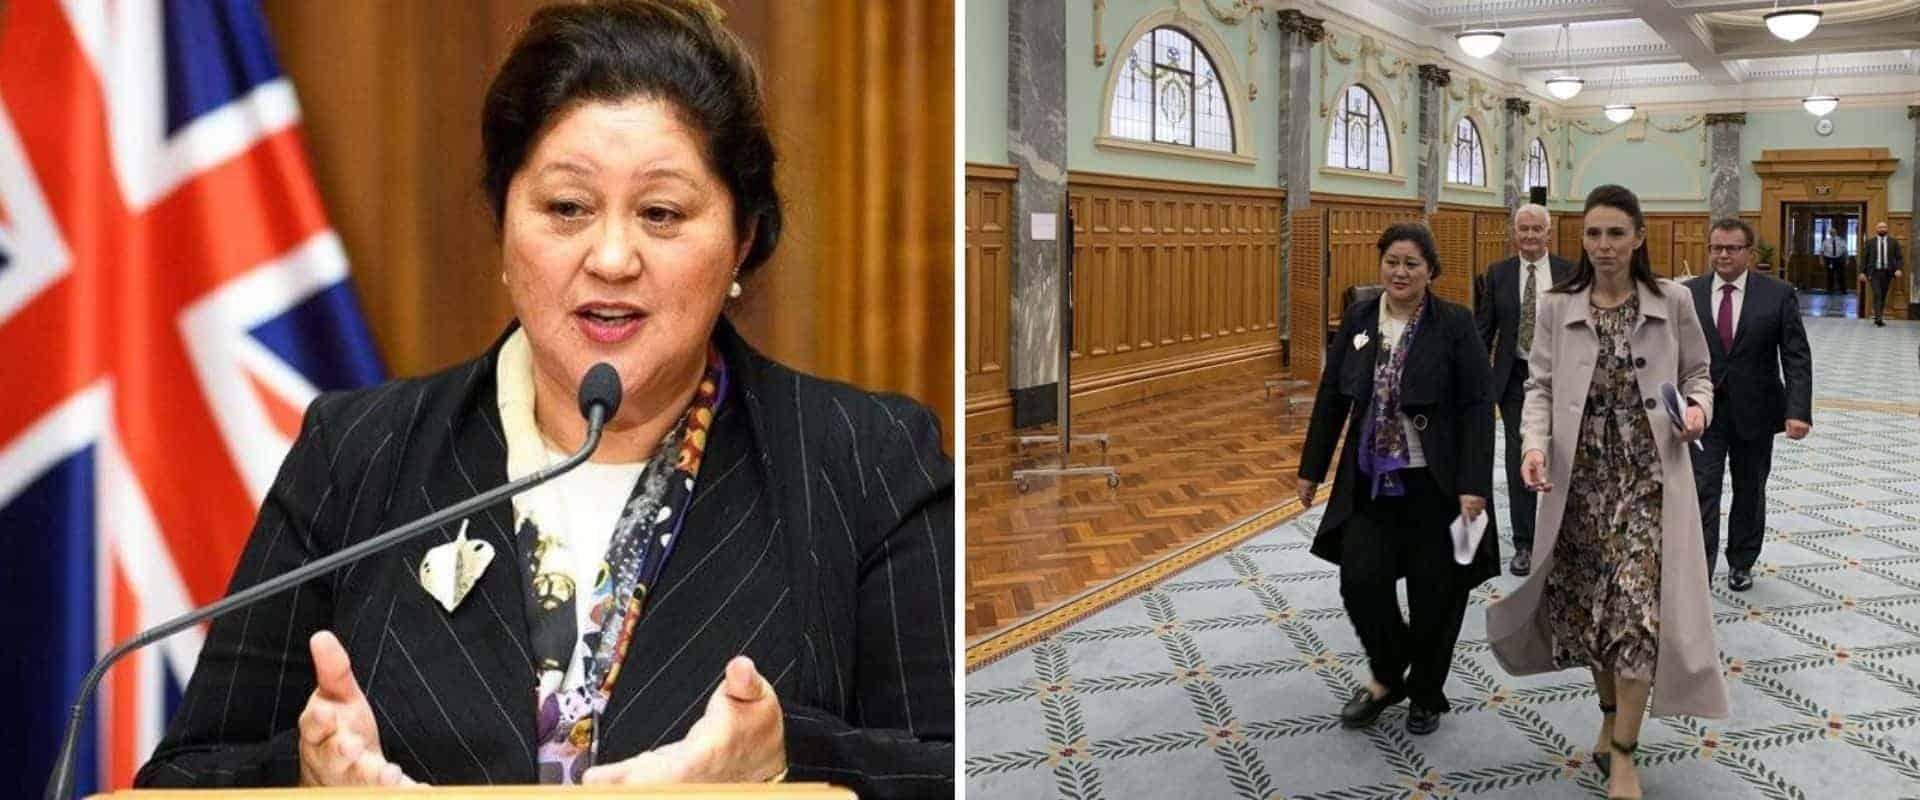 Por primera vez en la historia una mujer indígena fue elegida para ser gobernadora general de Nueva Zelanda